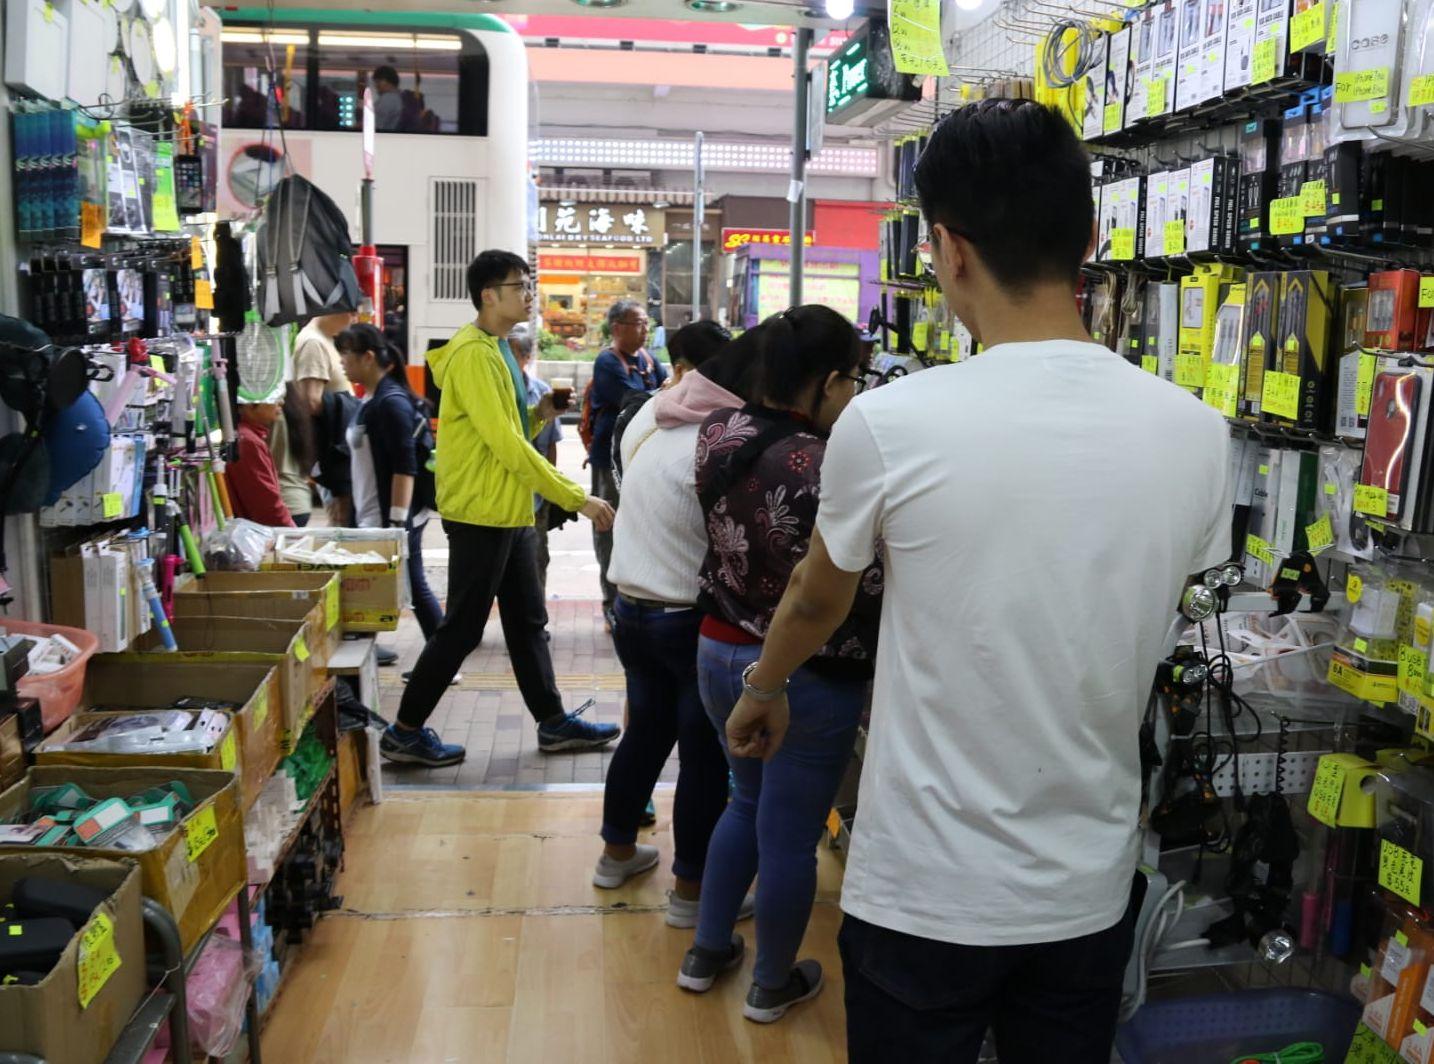 在事發時,7至8名途人隨即走進一間手機配件零售店內避難。